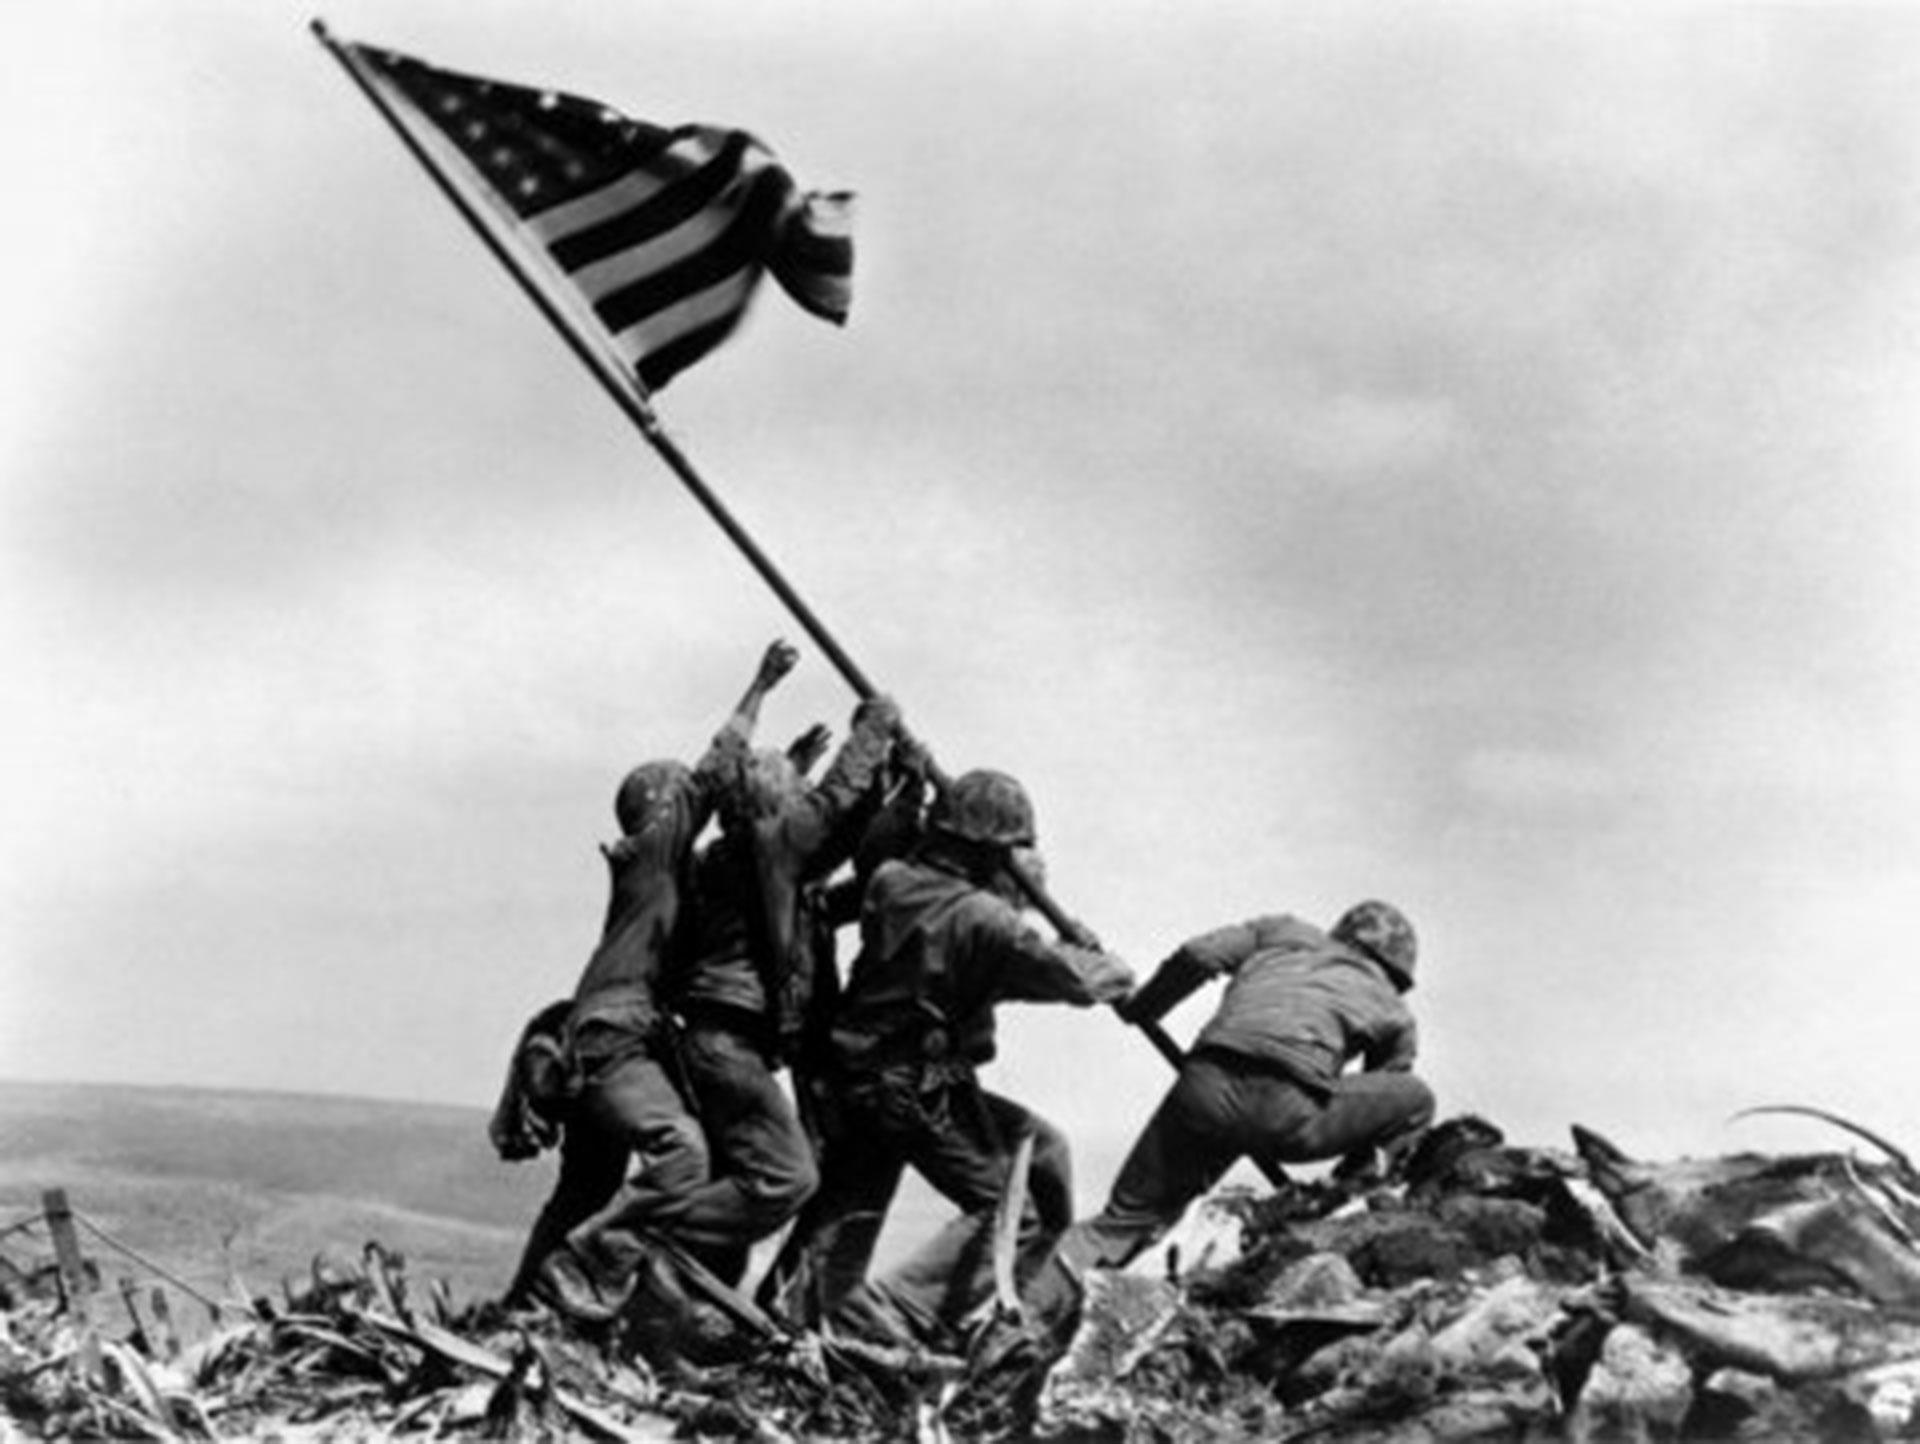 25 de febrero de 1945. La fotografía tomada por Joe Rosenthal, de la agencia AP. Recorrió las portadas del mundo y sirvió como inspiración para monumentos por todos los Estados Unidos